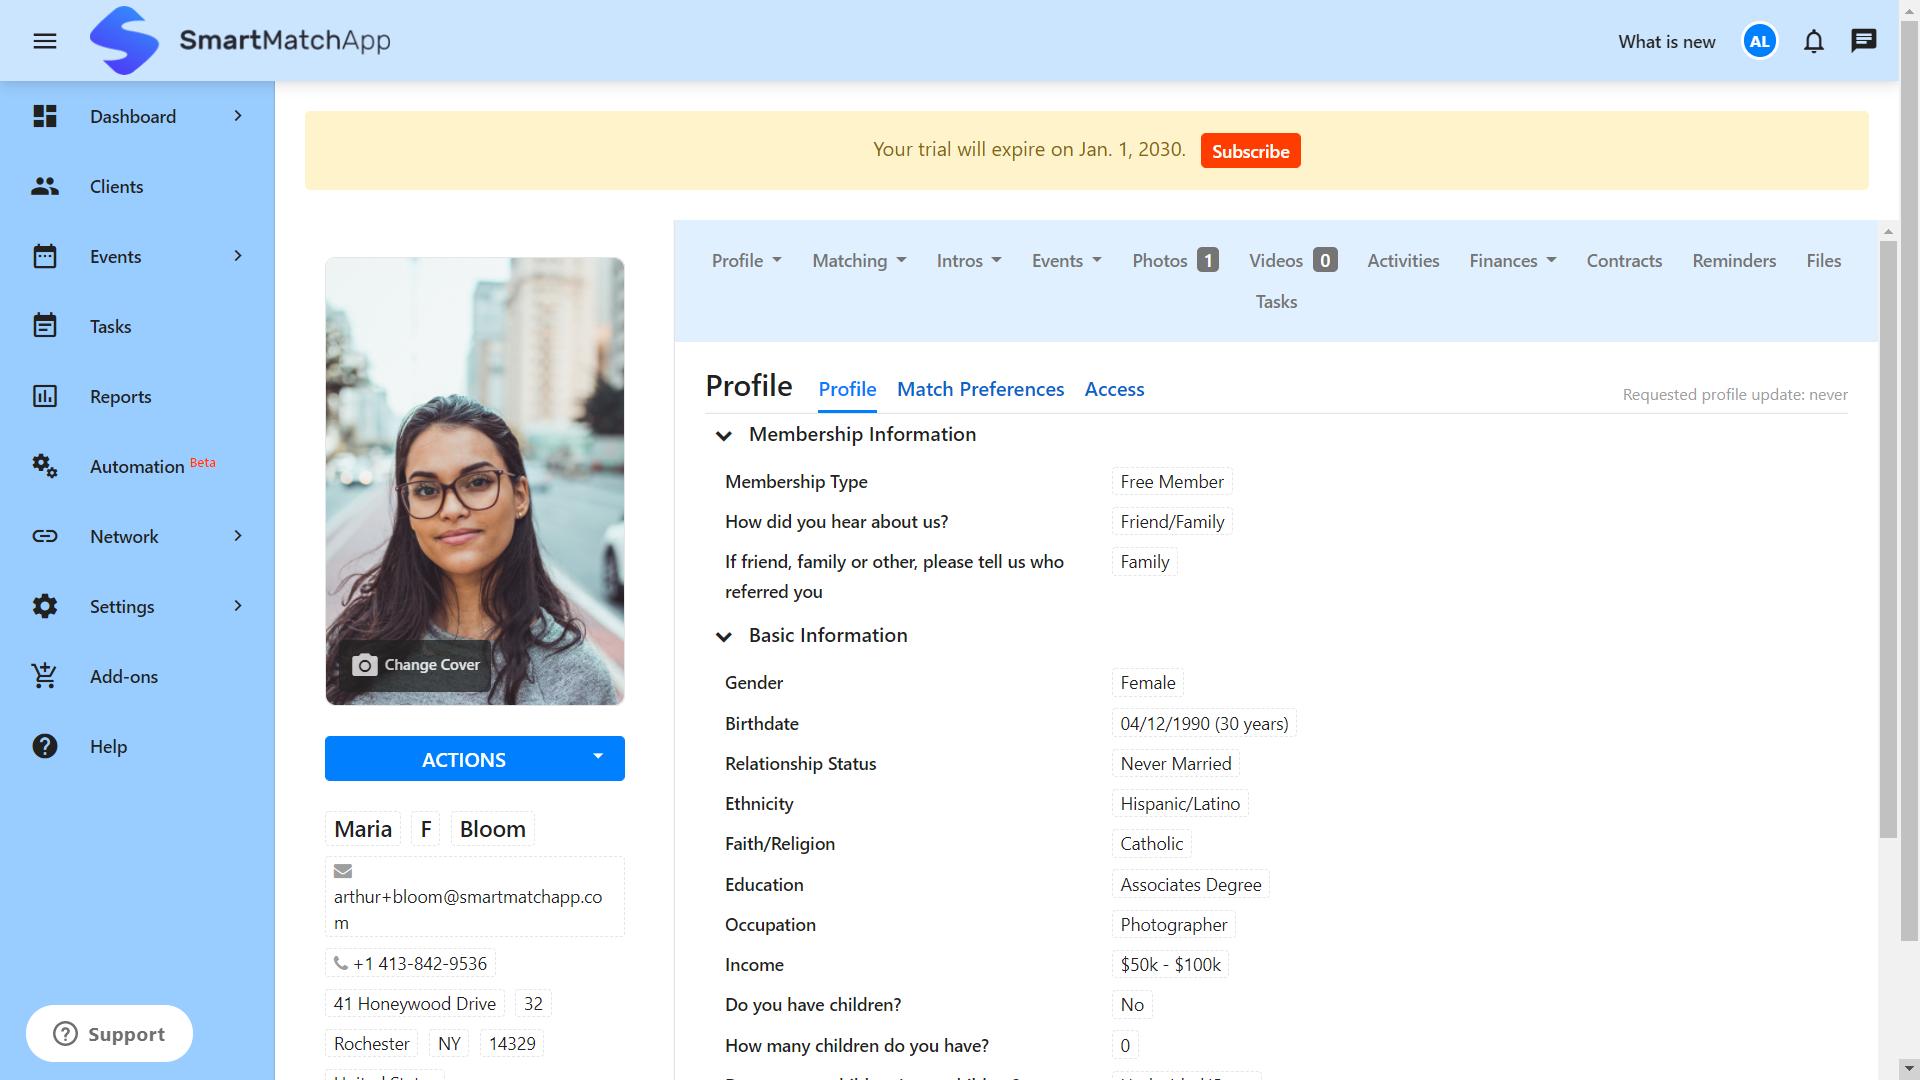 SmartMatchApp Client Profile View